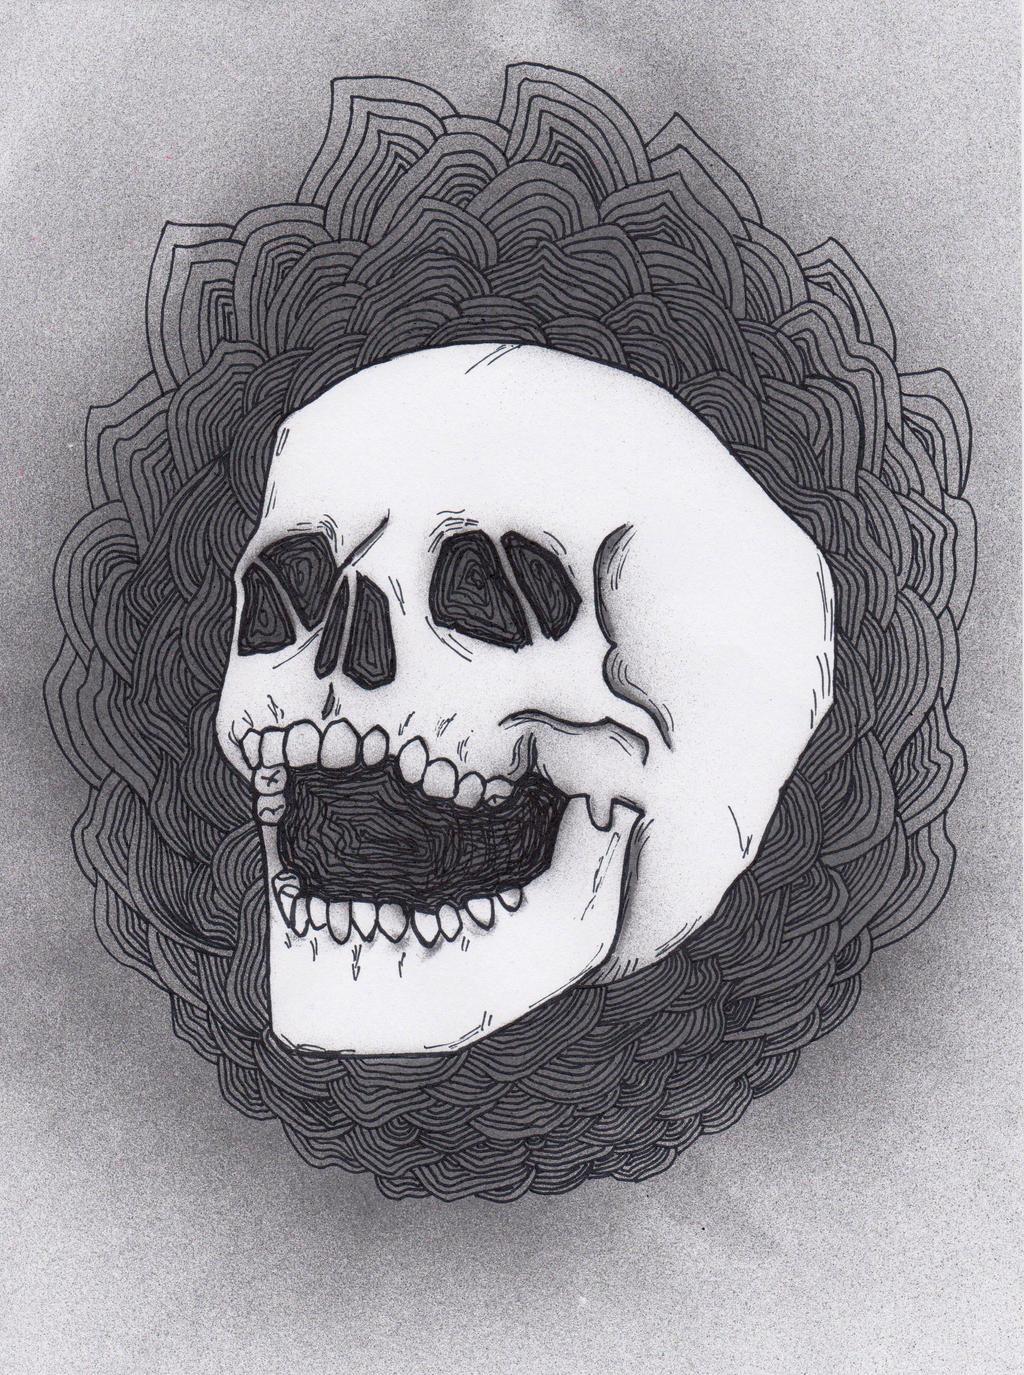 Skull 2 by Viera8